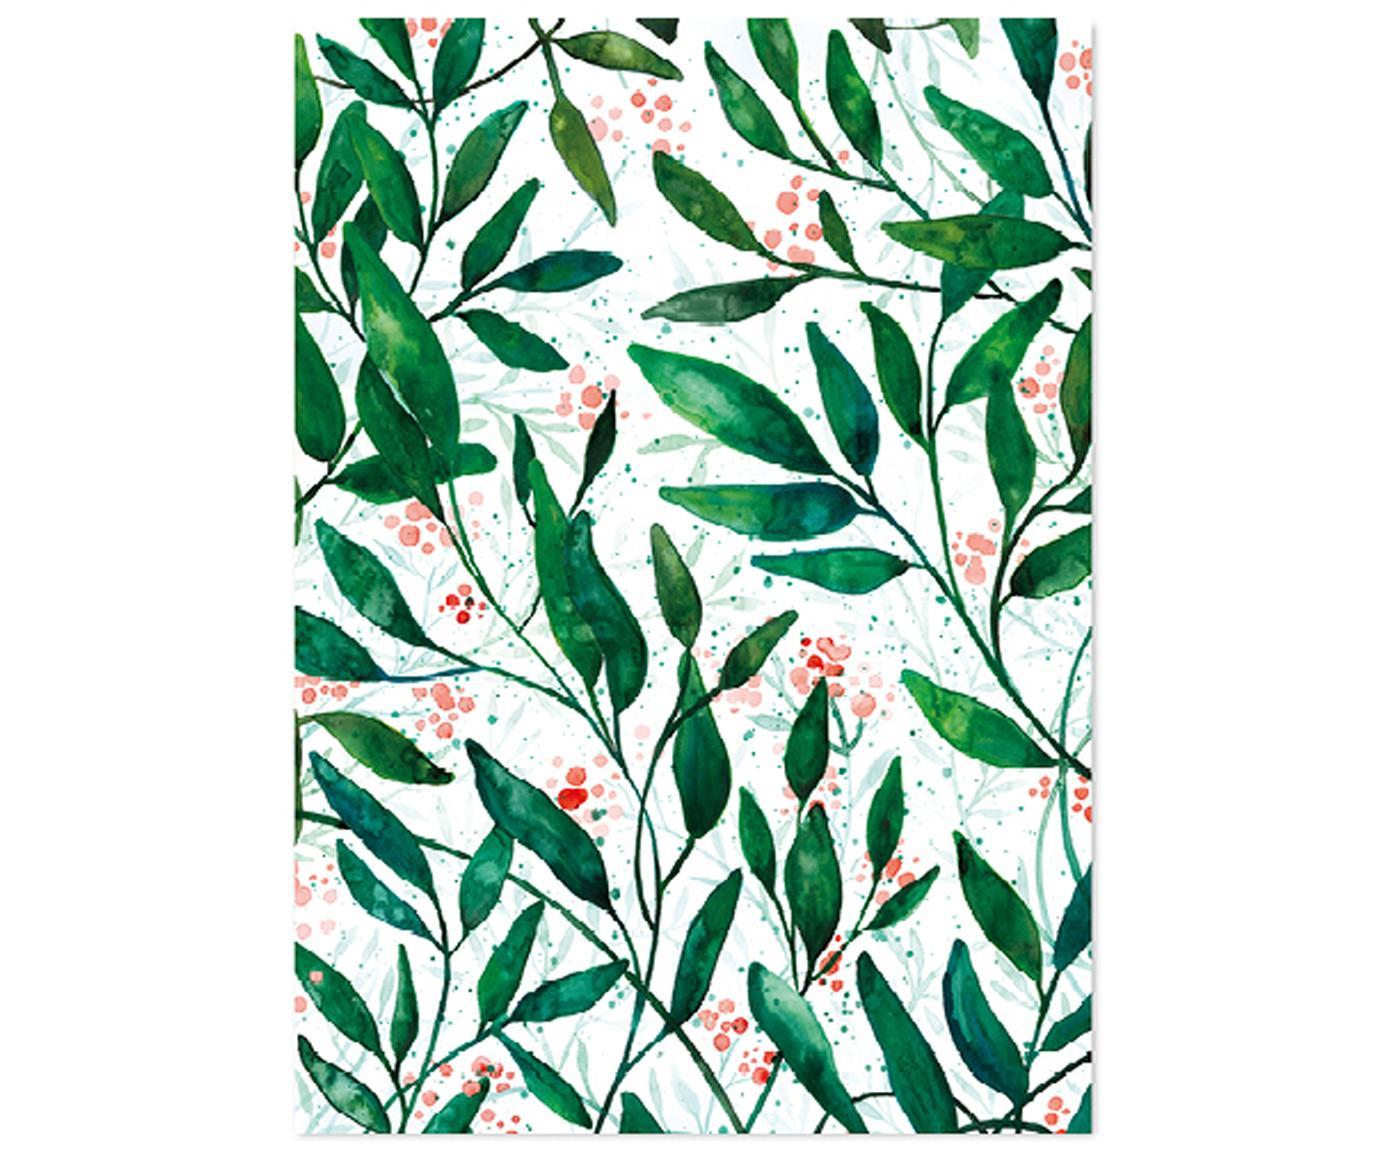 Rotolo di carta da imballaggio Green Leaves 3 pz, Carta, Verde, rosso, bianco, Larg. 50 x Alt. 70 cm